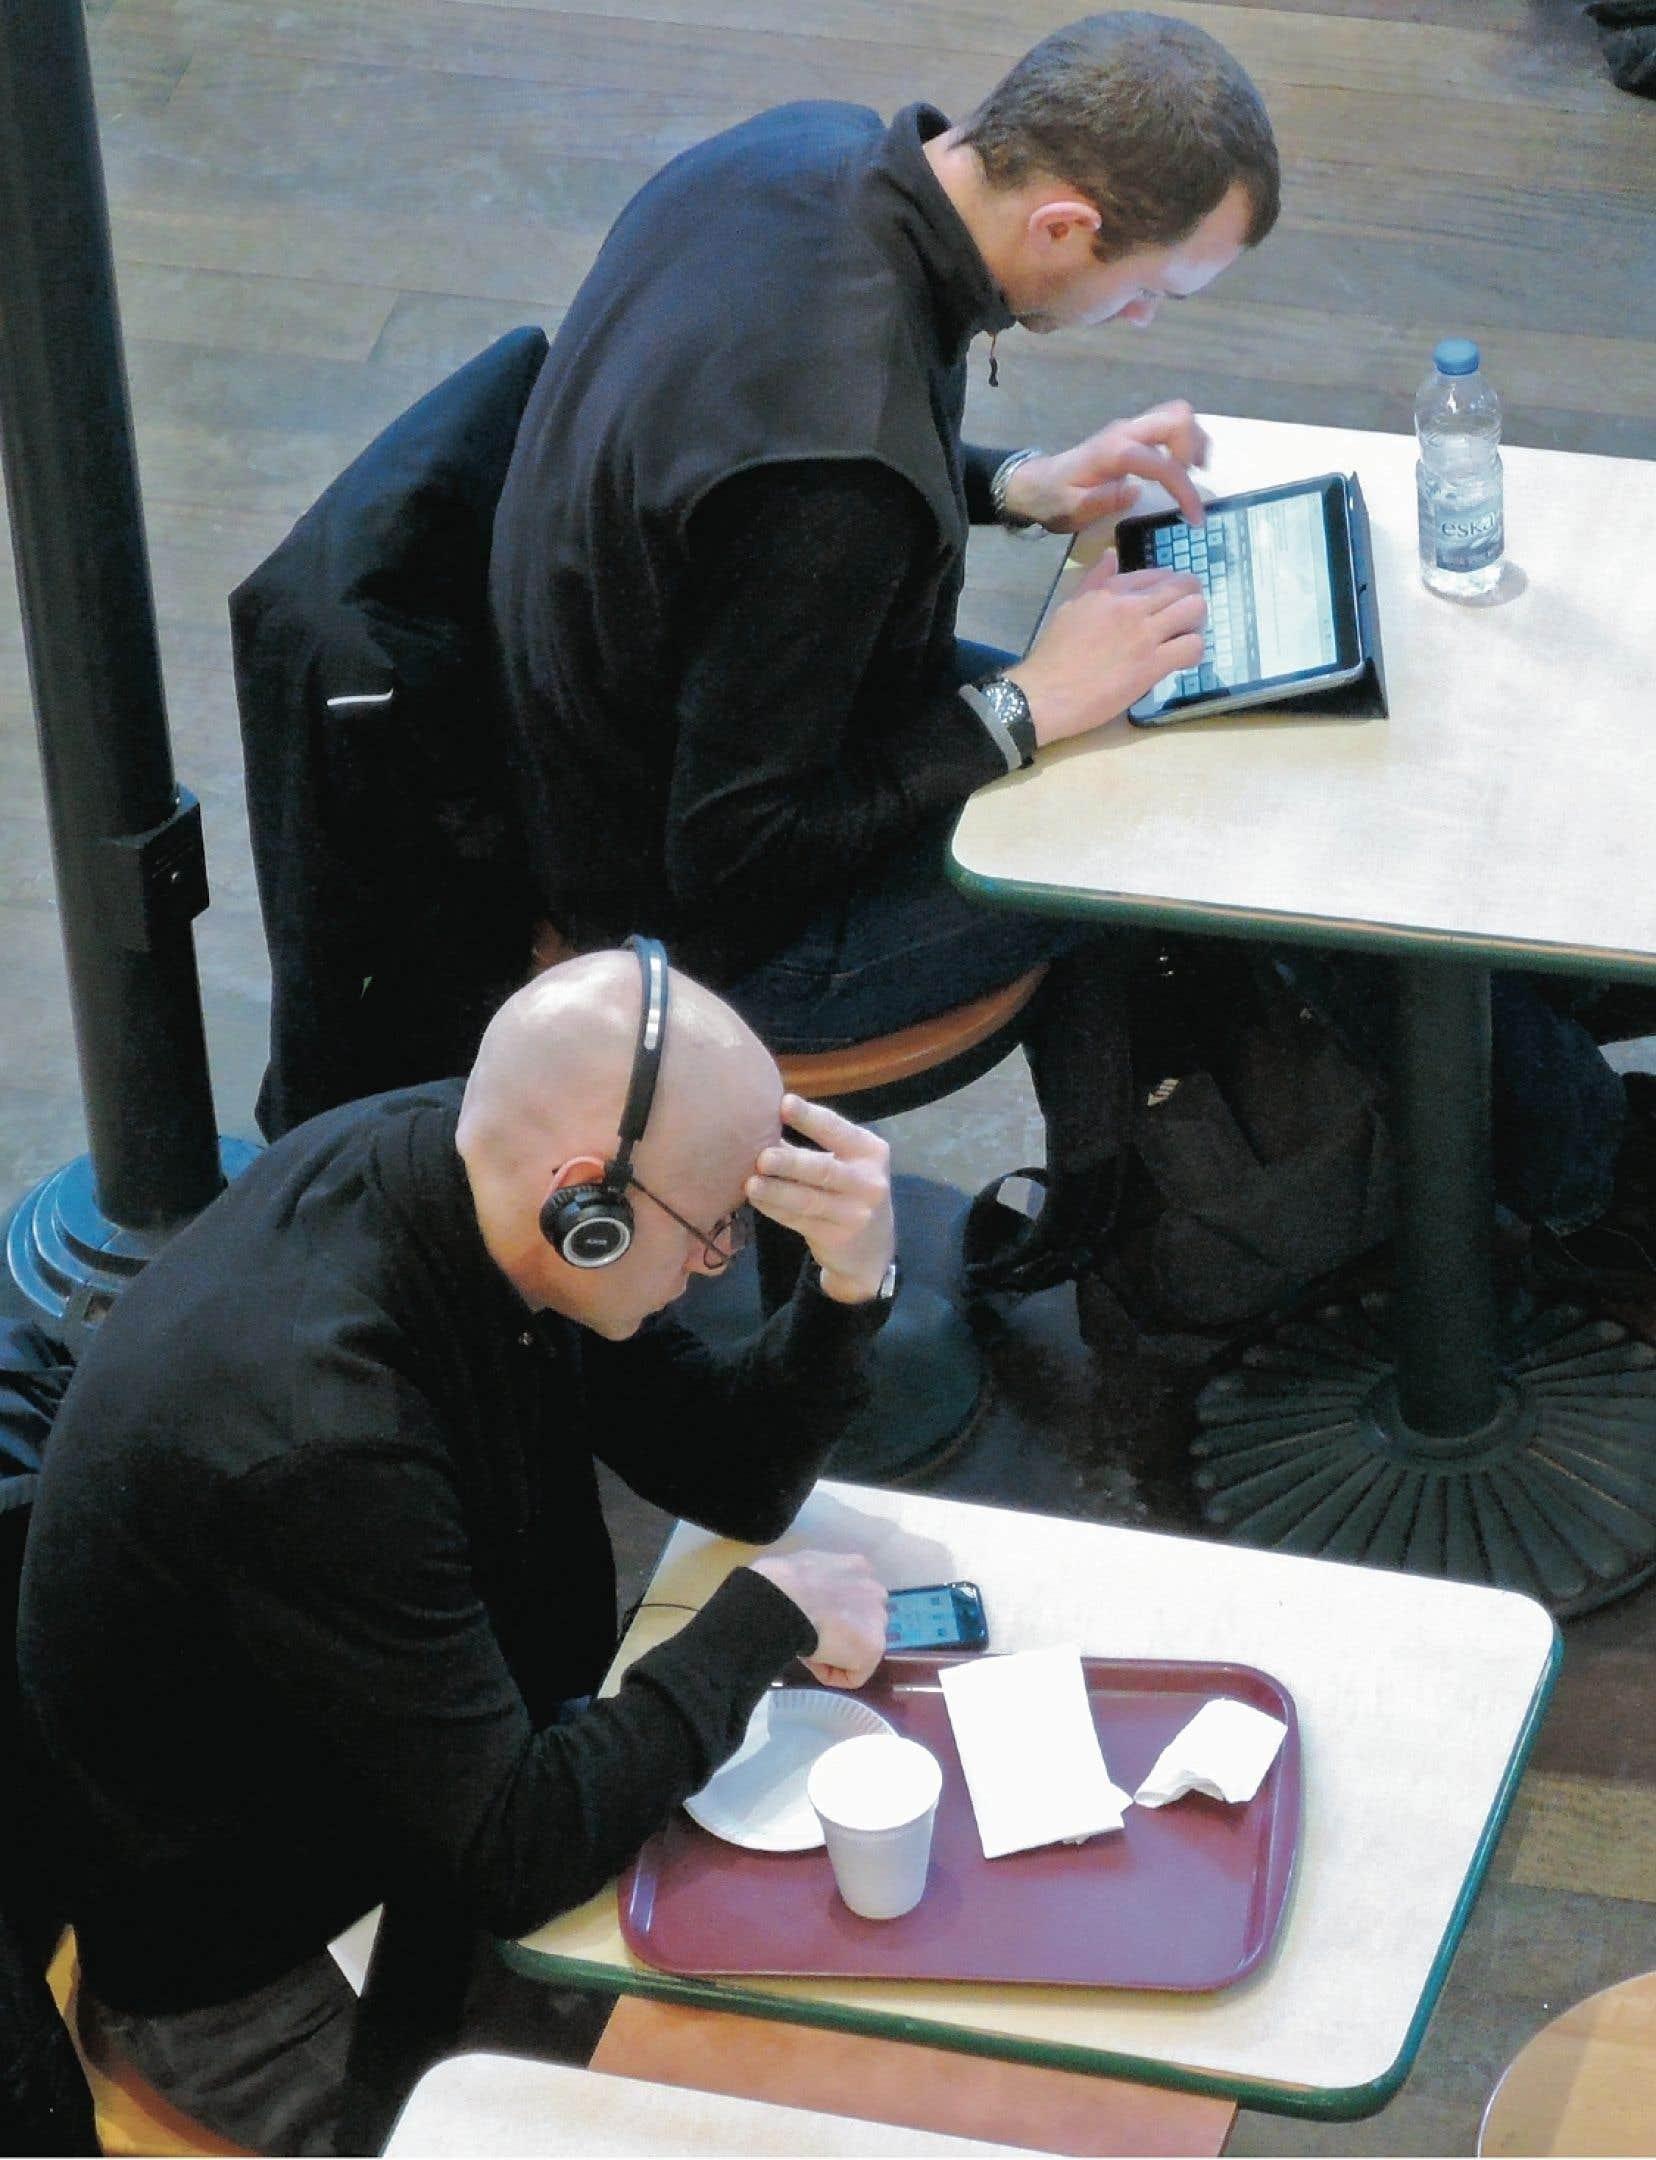 Les questions d'exercice de pouvoir à travers l'informatique se multiplient partout.